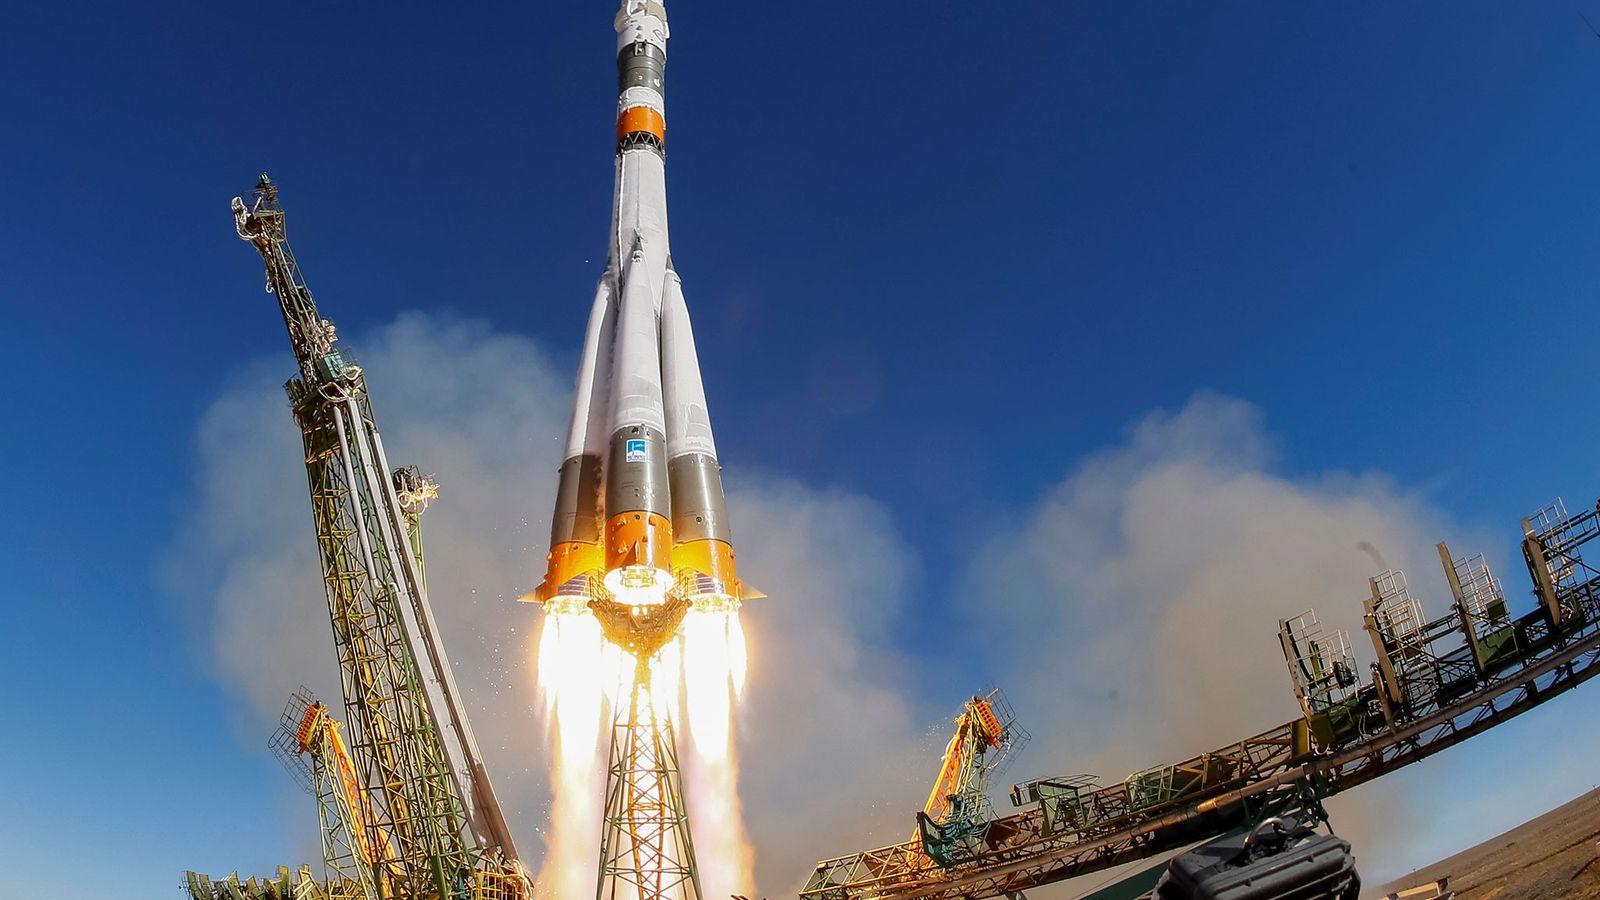 Le 11 octobre 2018, la fusée Soyouz MS-10 décolle du cosmodrome de Baikonue au Kazakhstan pour ...